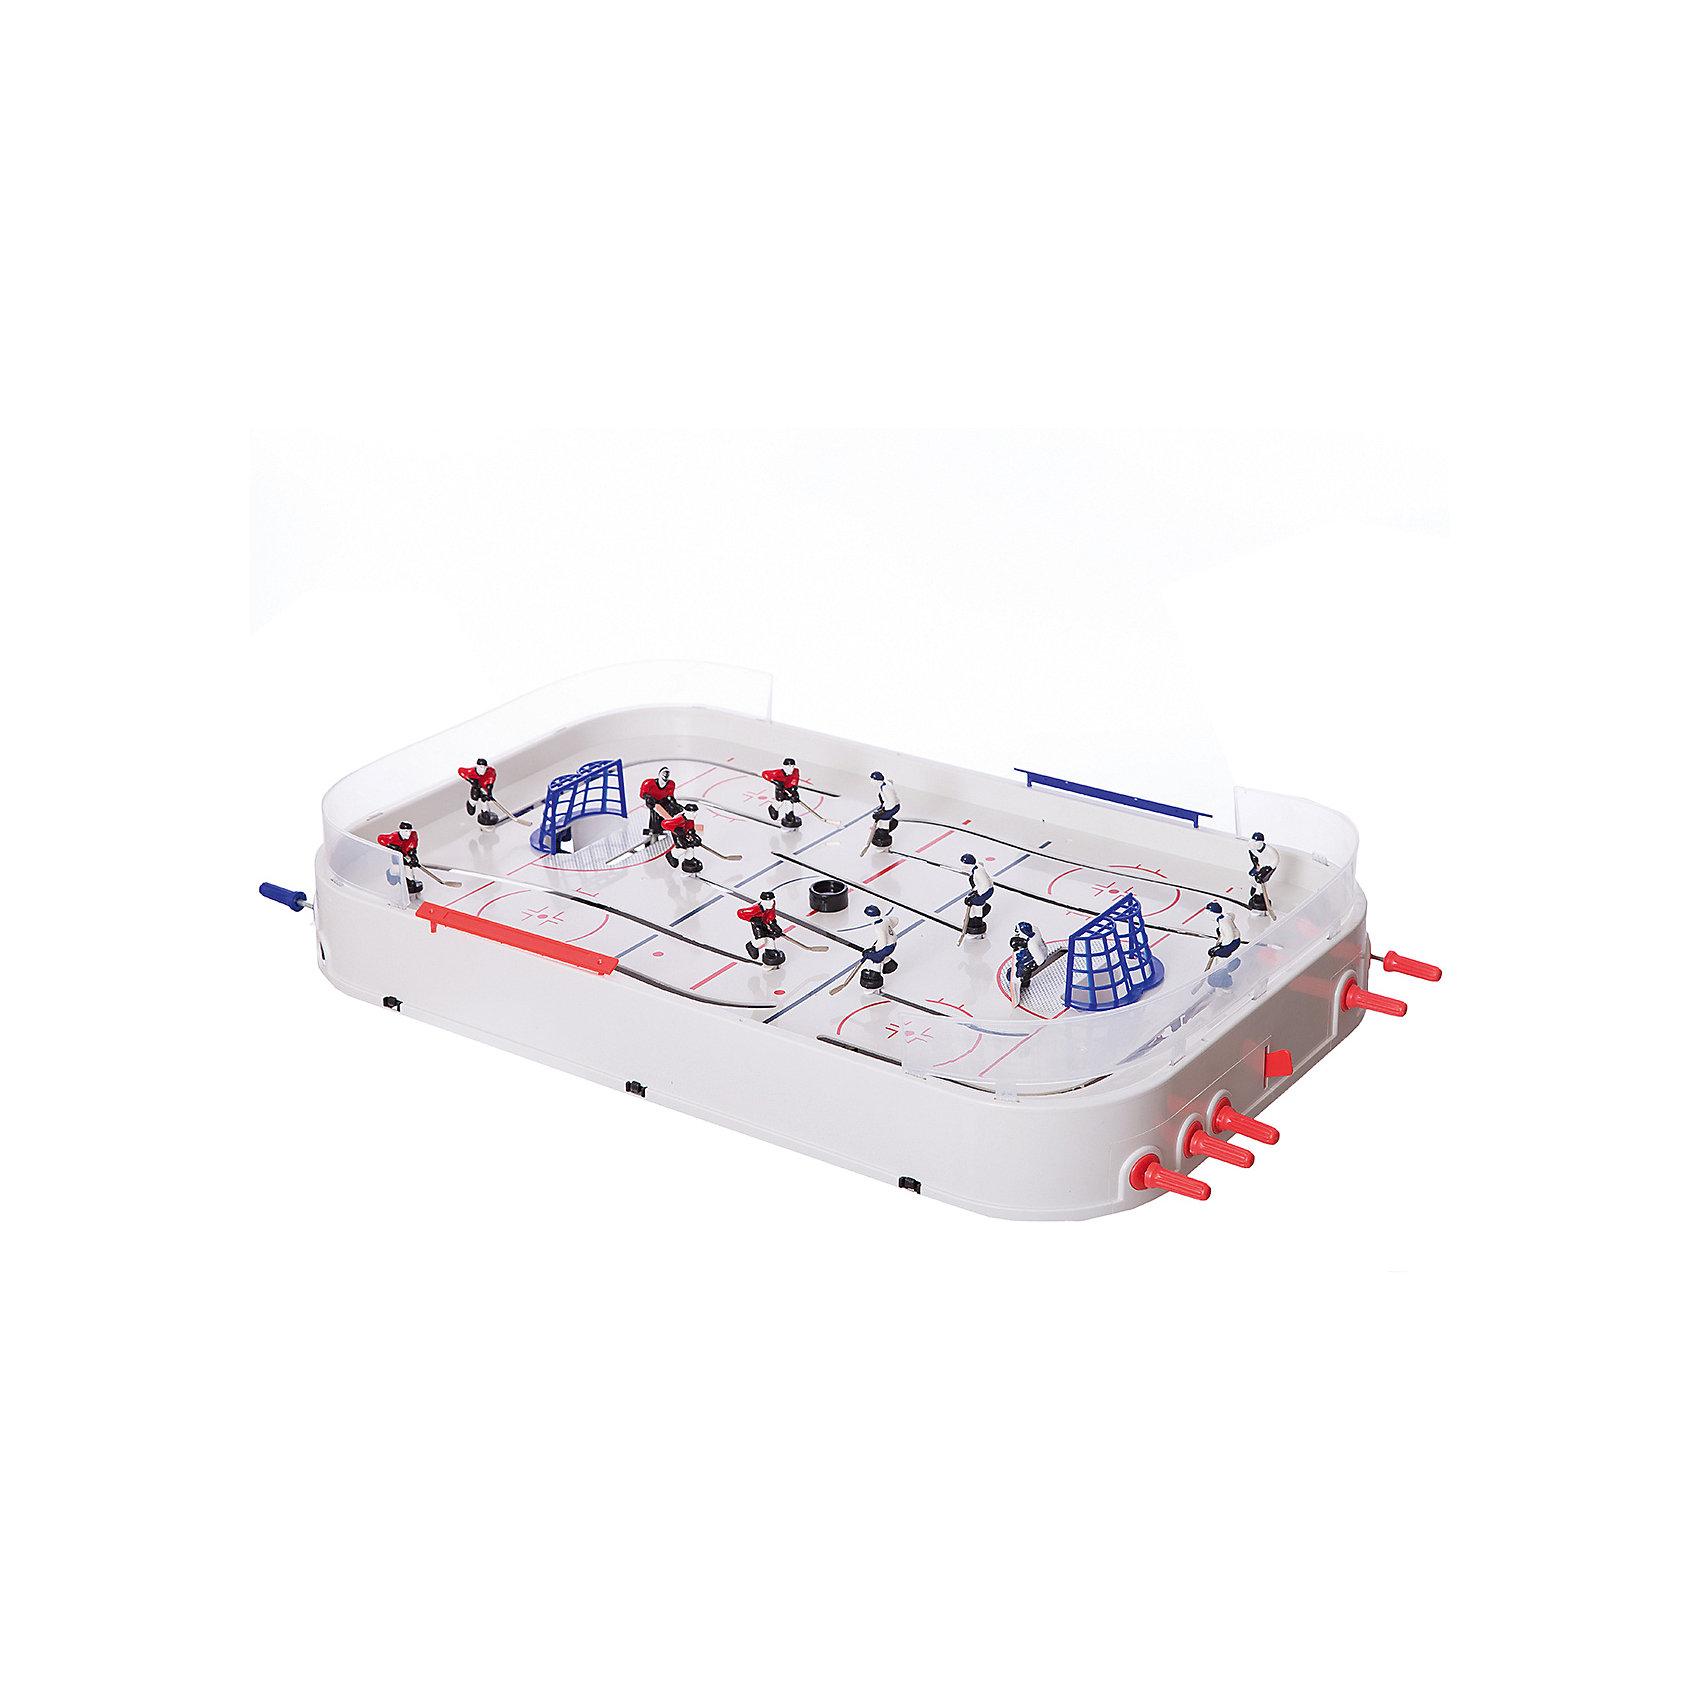 Играем вместе Настольная игра Хоккей, Играем вместе настольные игры играем вместе настольная игра хоккей a553 h30006 r